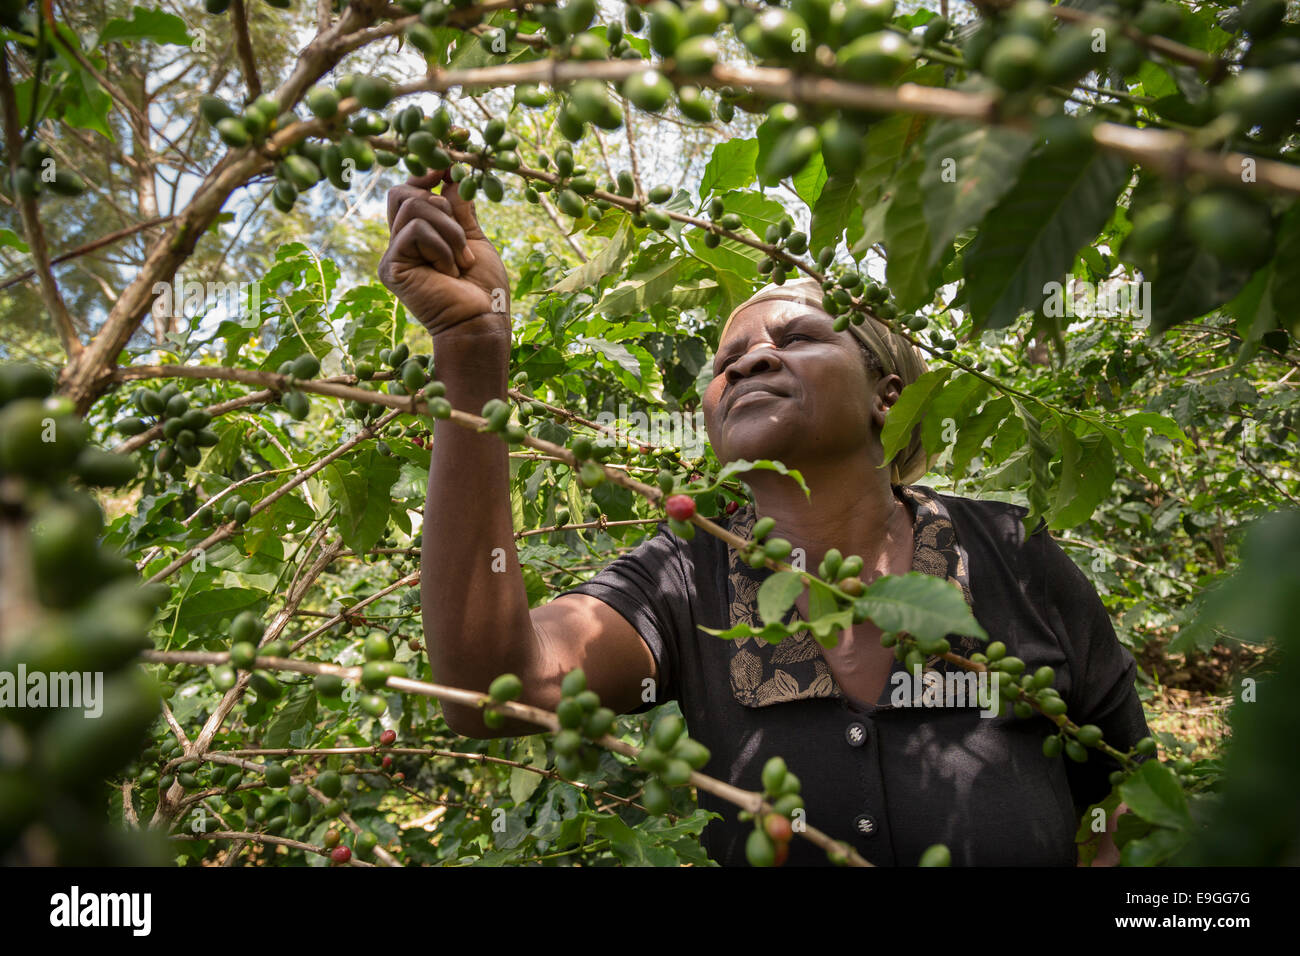 Ein kleiner Bauer nimmt Kaffeekirschen auf ihrem Gebiet. Stockbild